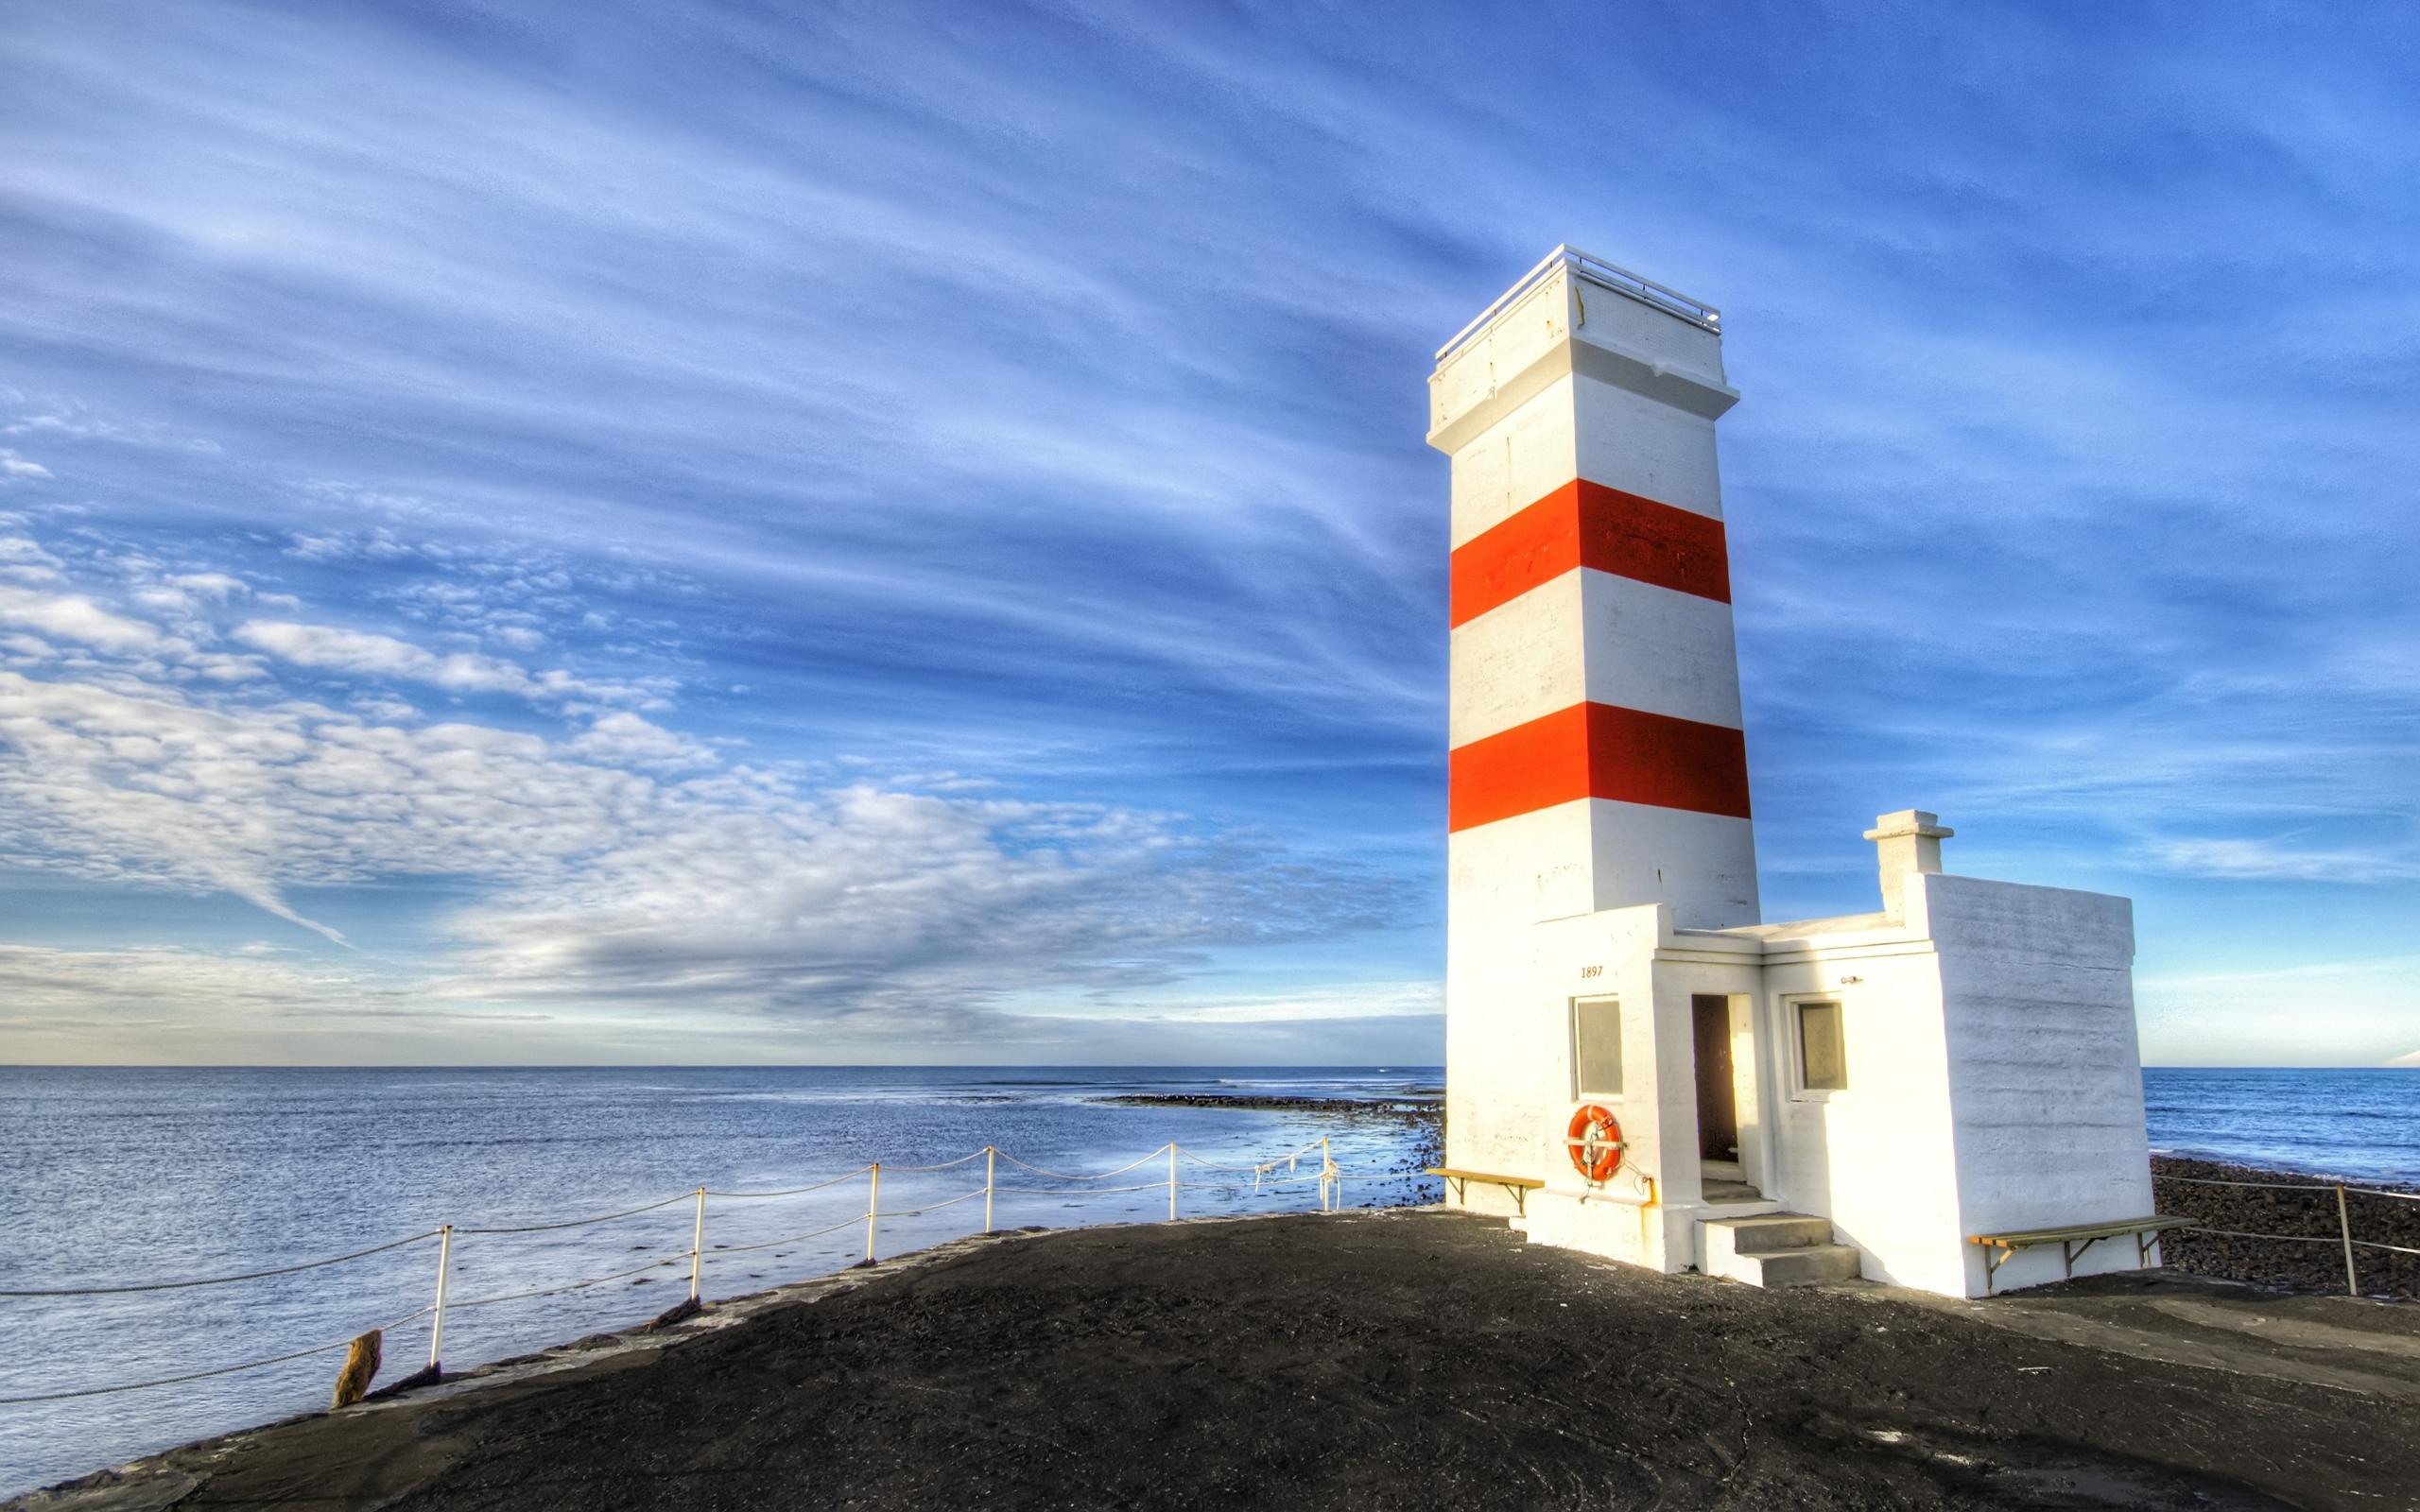 Foto Oceano y Faro Calidad Alta